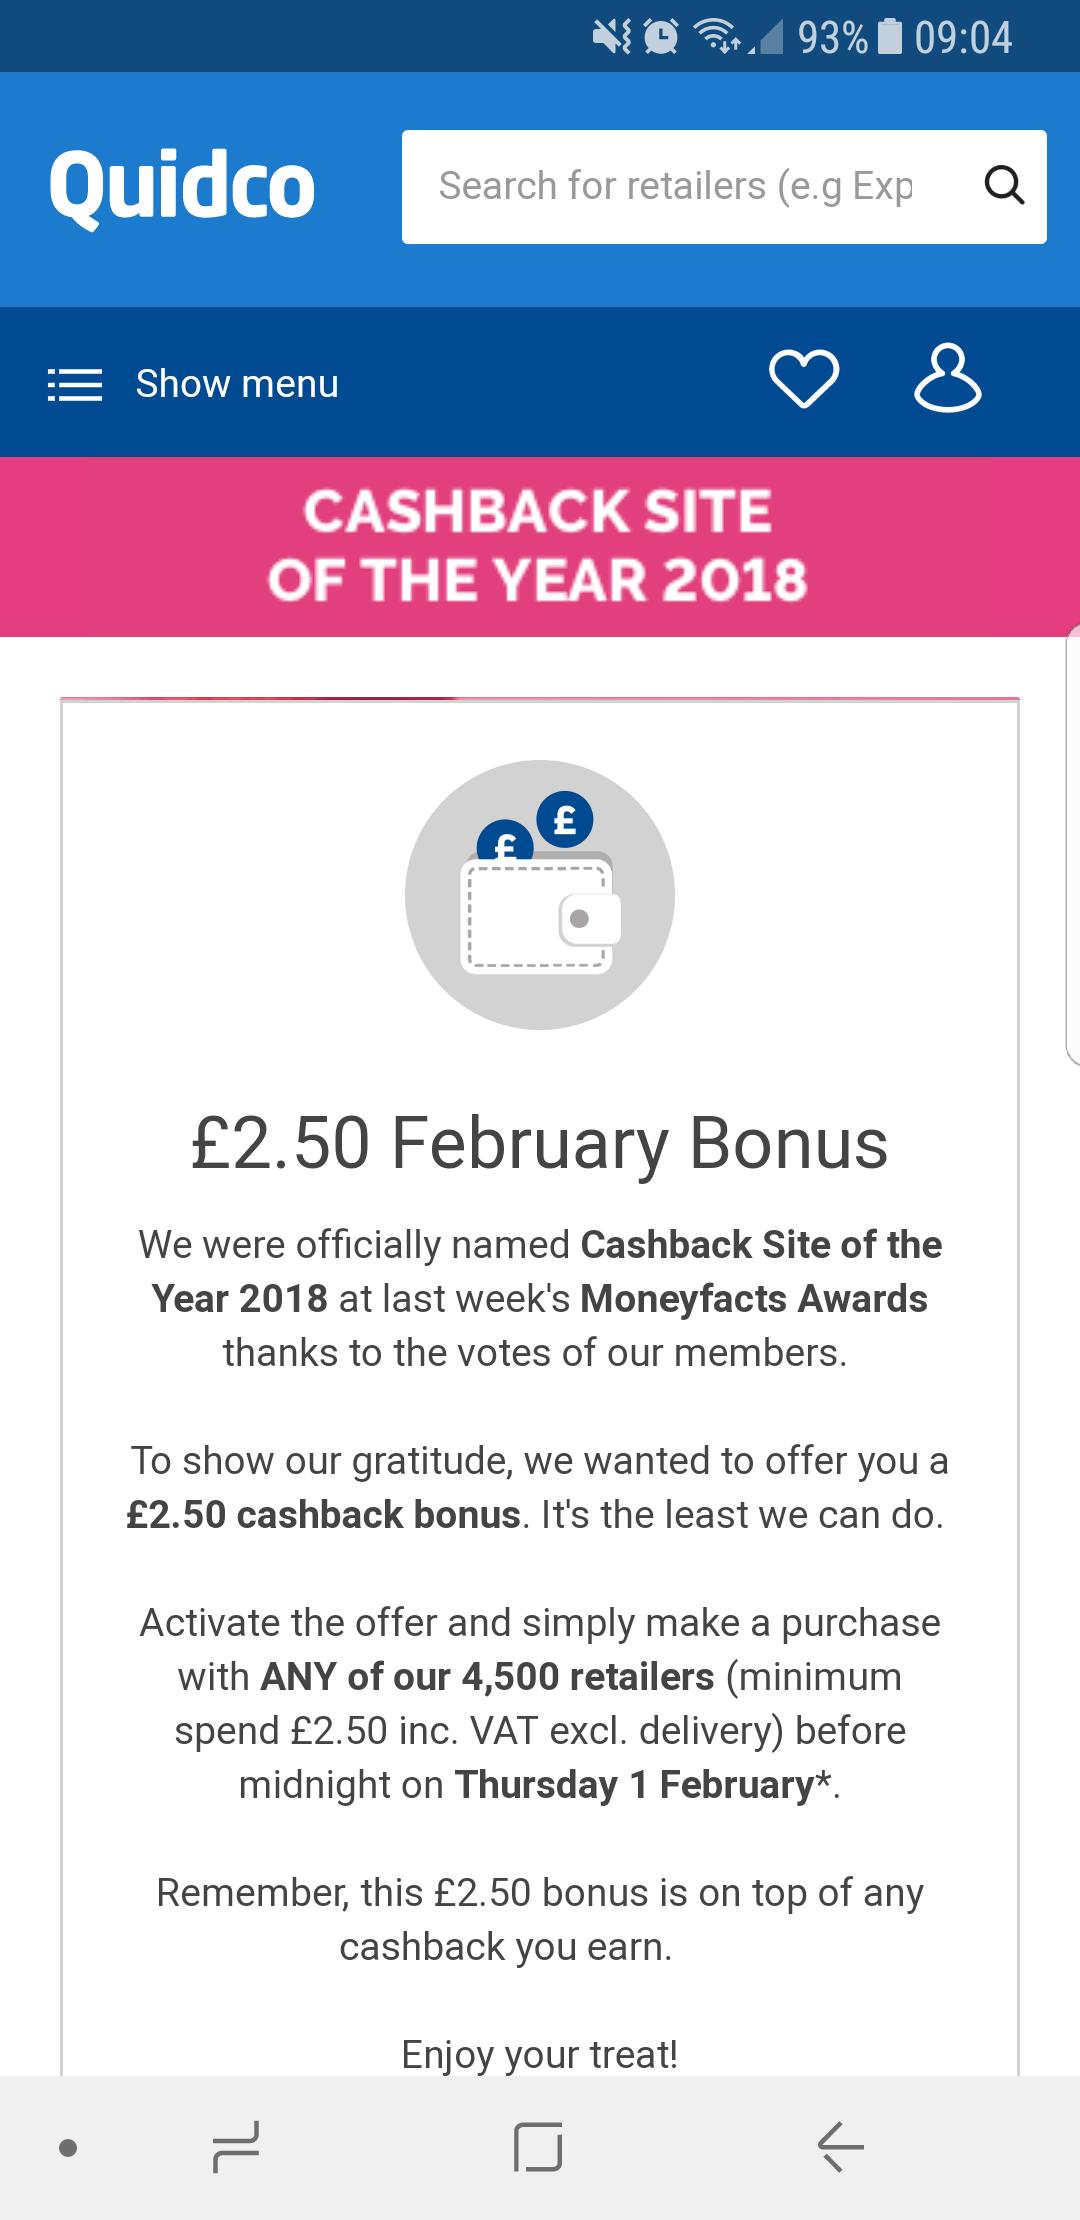 Quidco £2.50 February Bonus (£2.50 minimum spend)